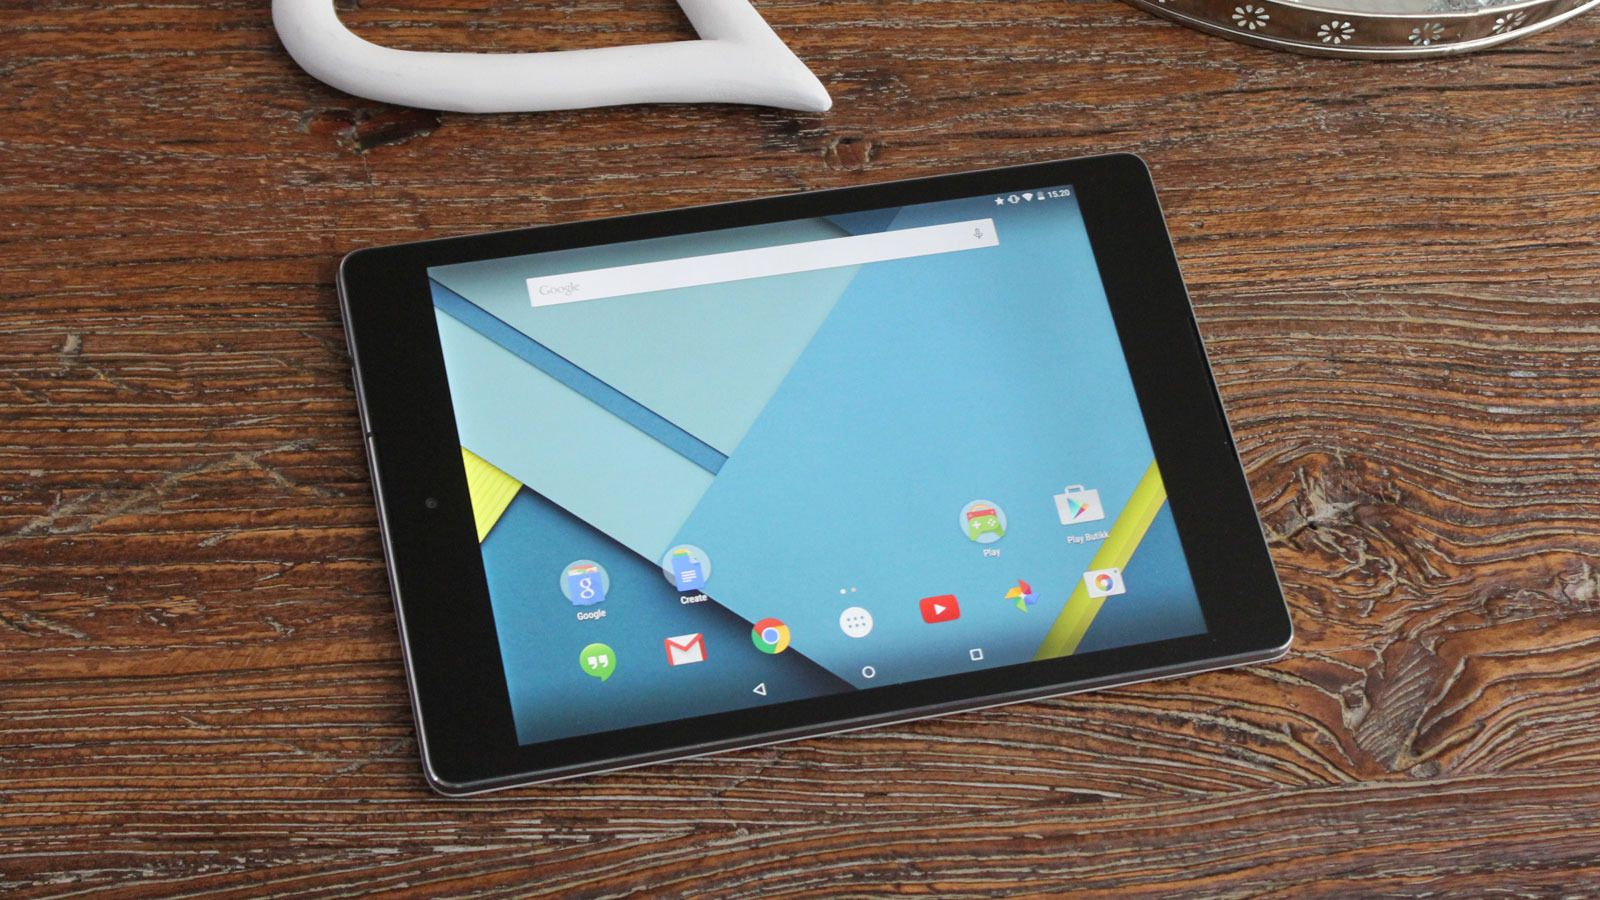 Den minner unektelig mye om iPad. I størrelse havner den mellom iPad Mini og iPad Air.Foto: Espen Irwing Swang, Tek.no